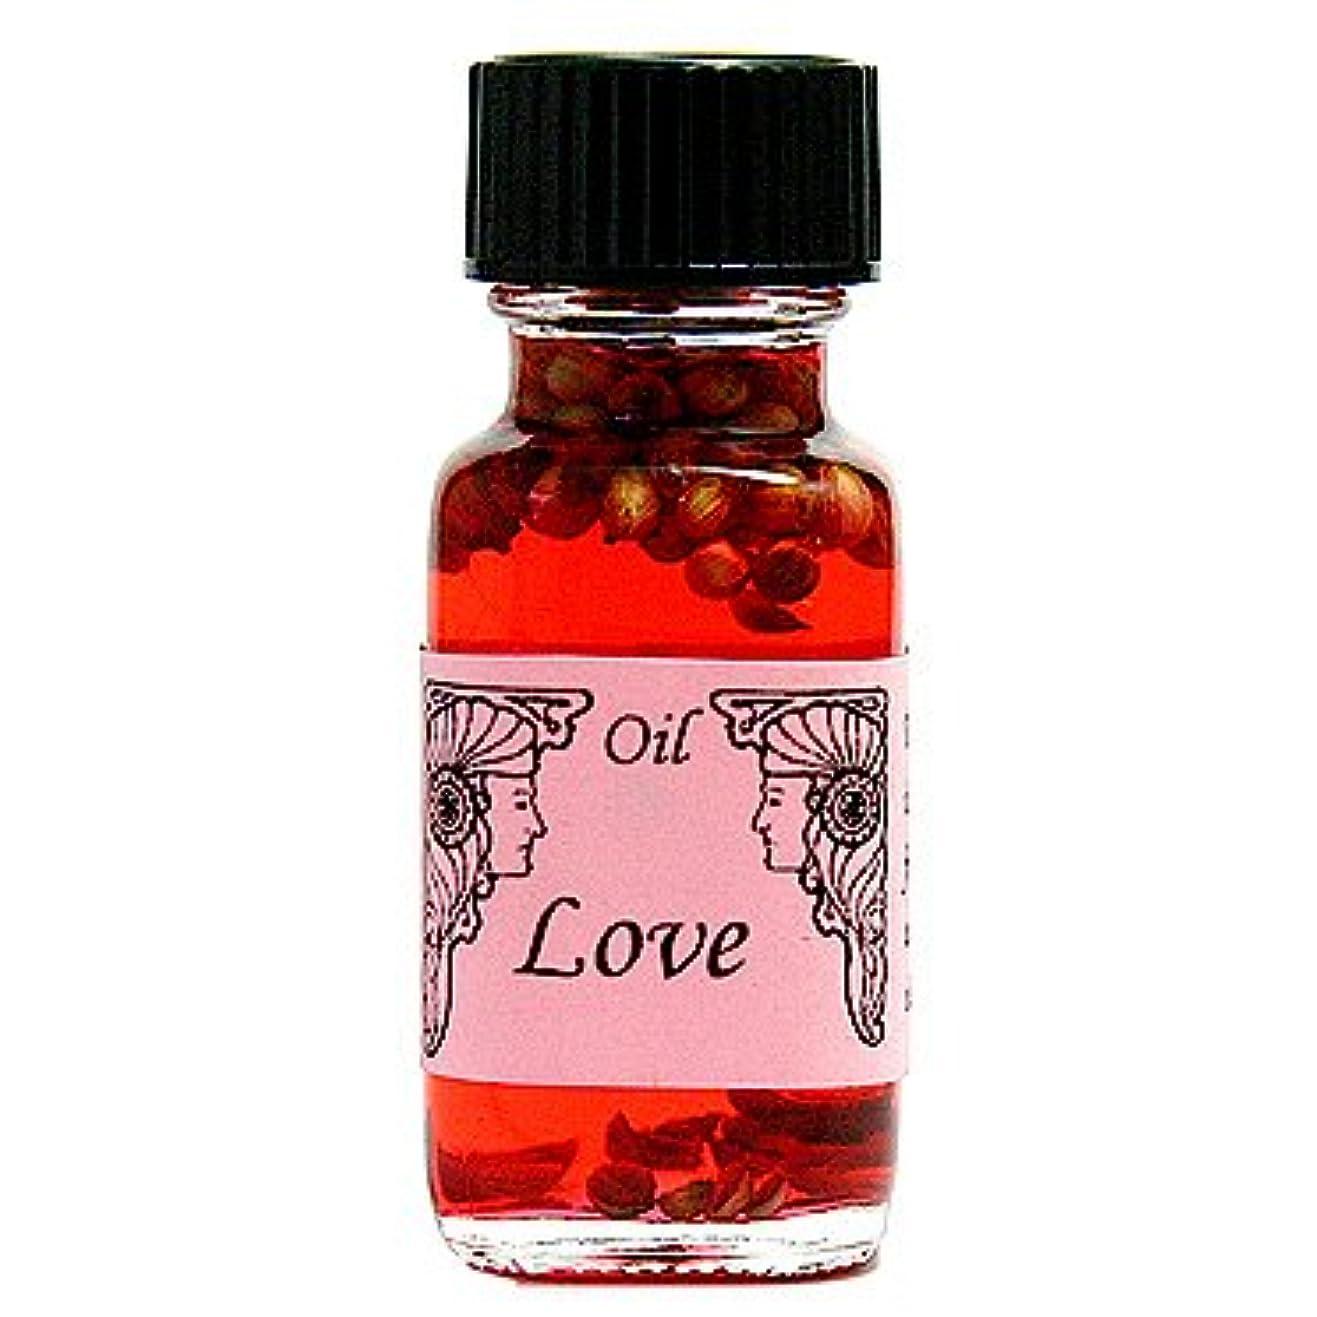 法律によりシェード避けるアンシェントメモリーオイル ラブ LOVE 15ml (Ancient Memory Oils)